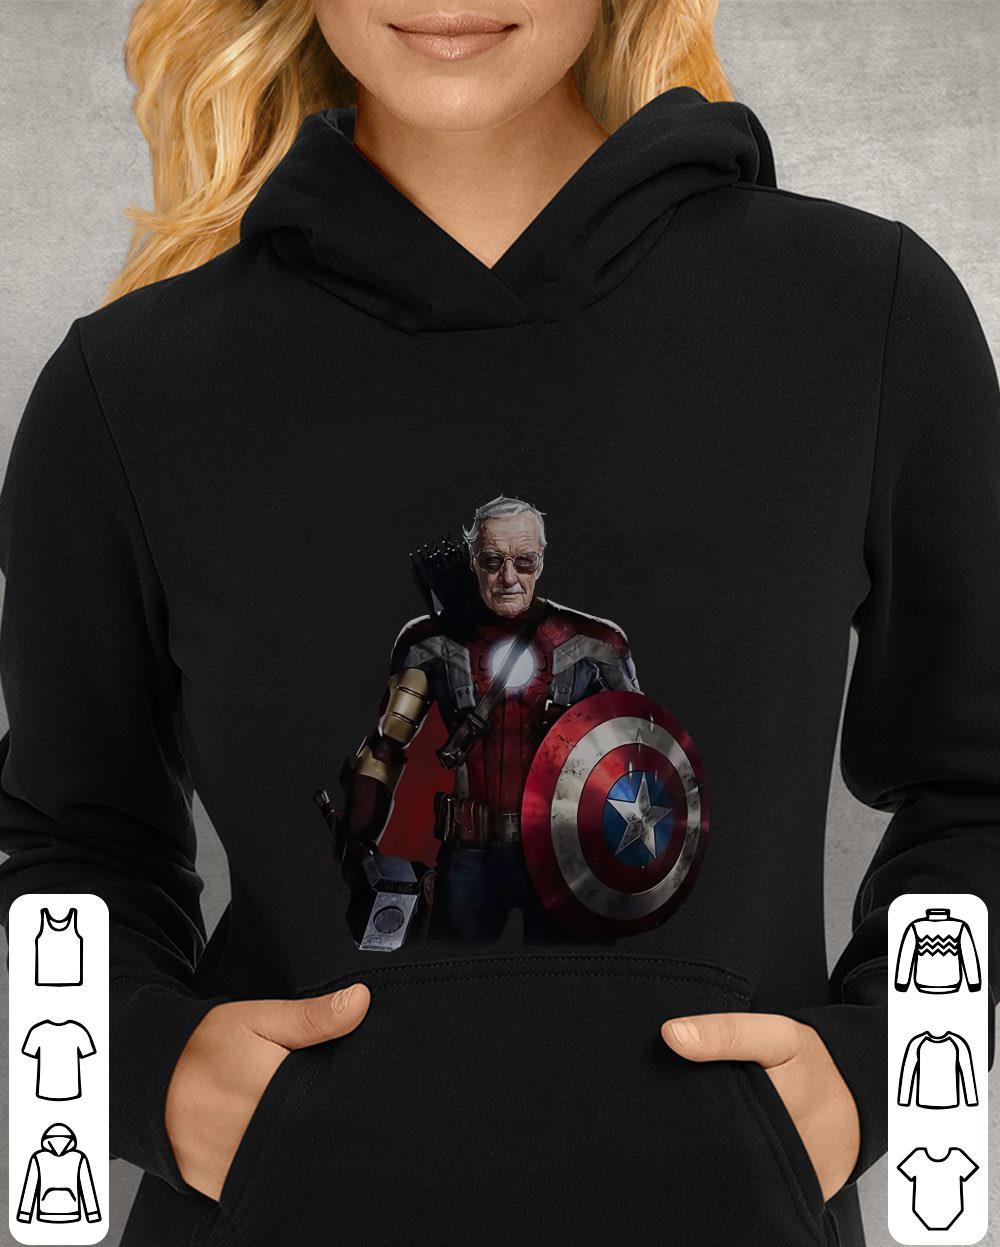 https://unicornshirts.net/images/2018/11/Stan-Lee-Superhero-shirt_4.jpg